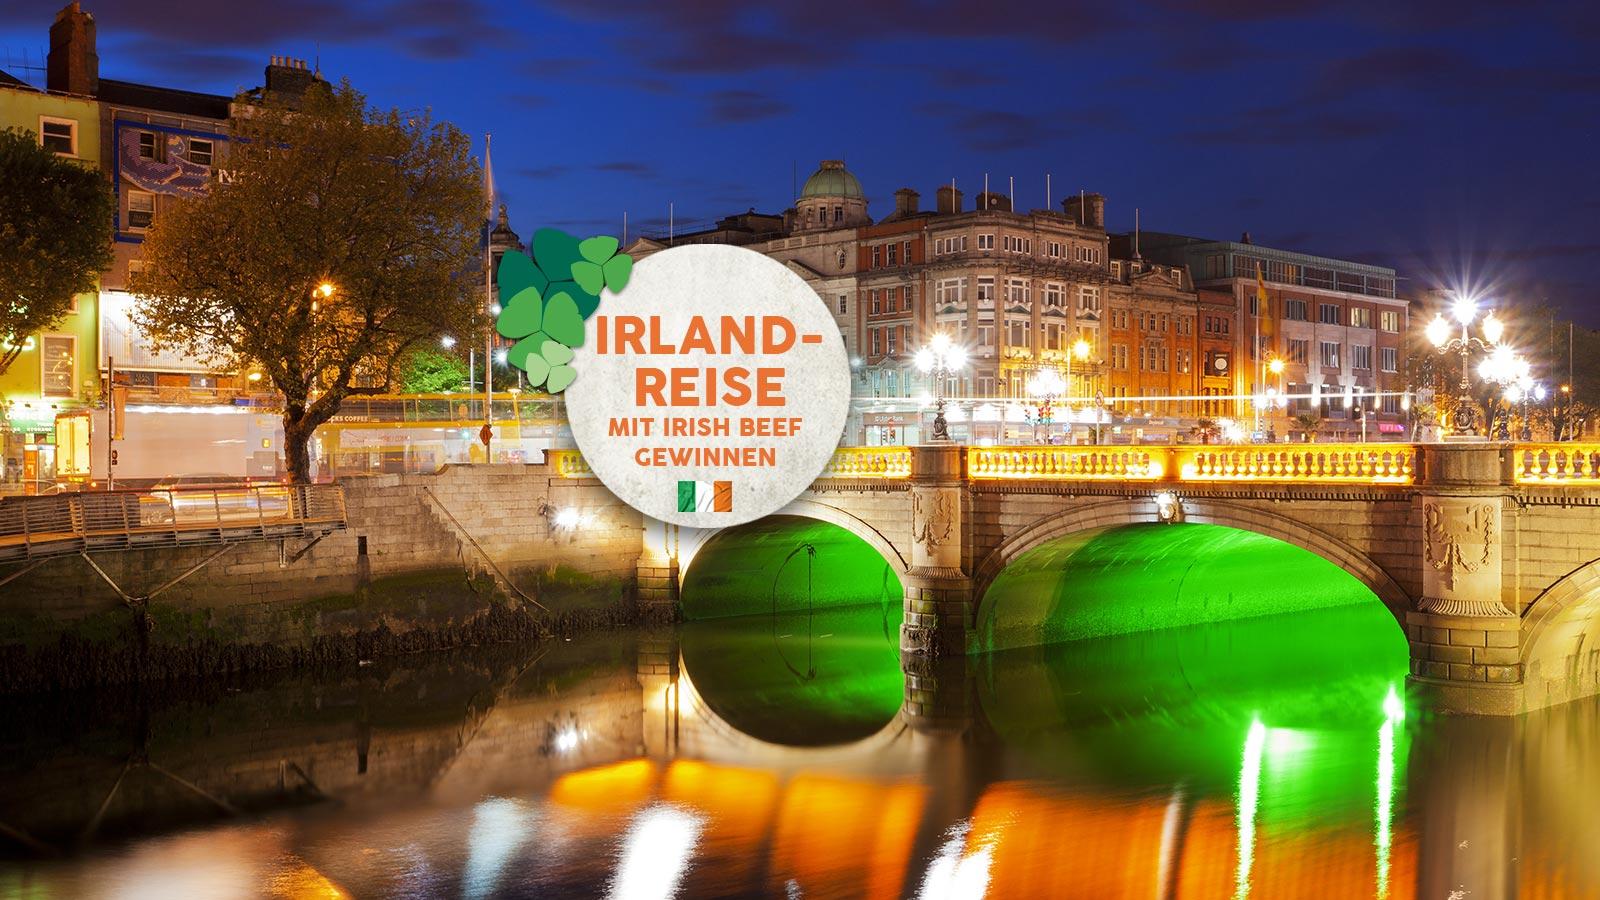 Gewinnen Sie eine Irland Reise mit Karstadt Lebensmittel und Irish Beef